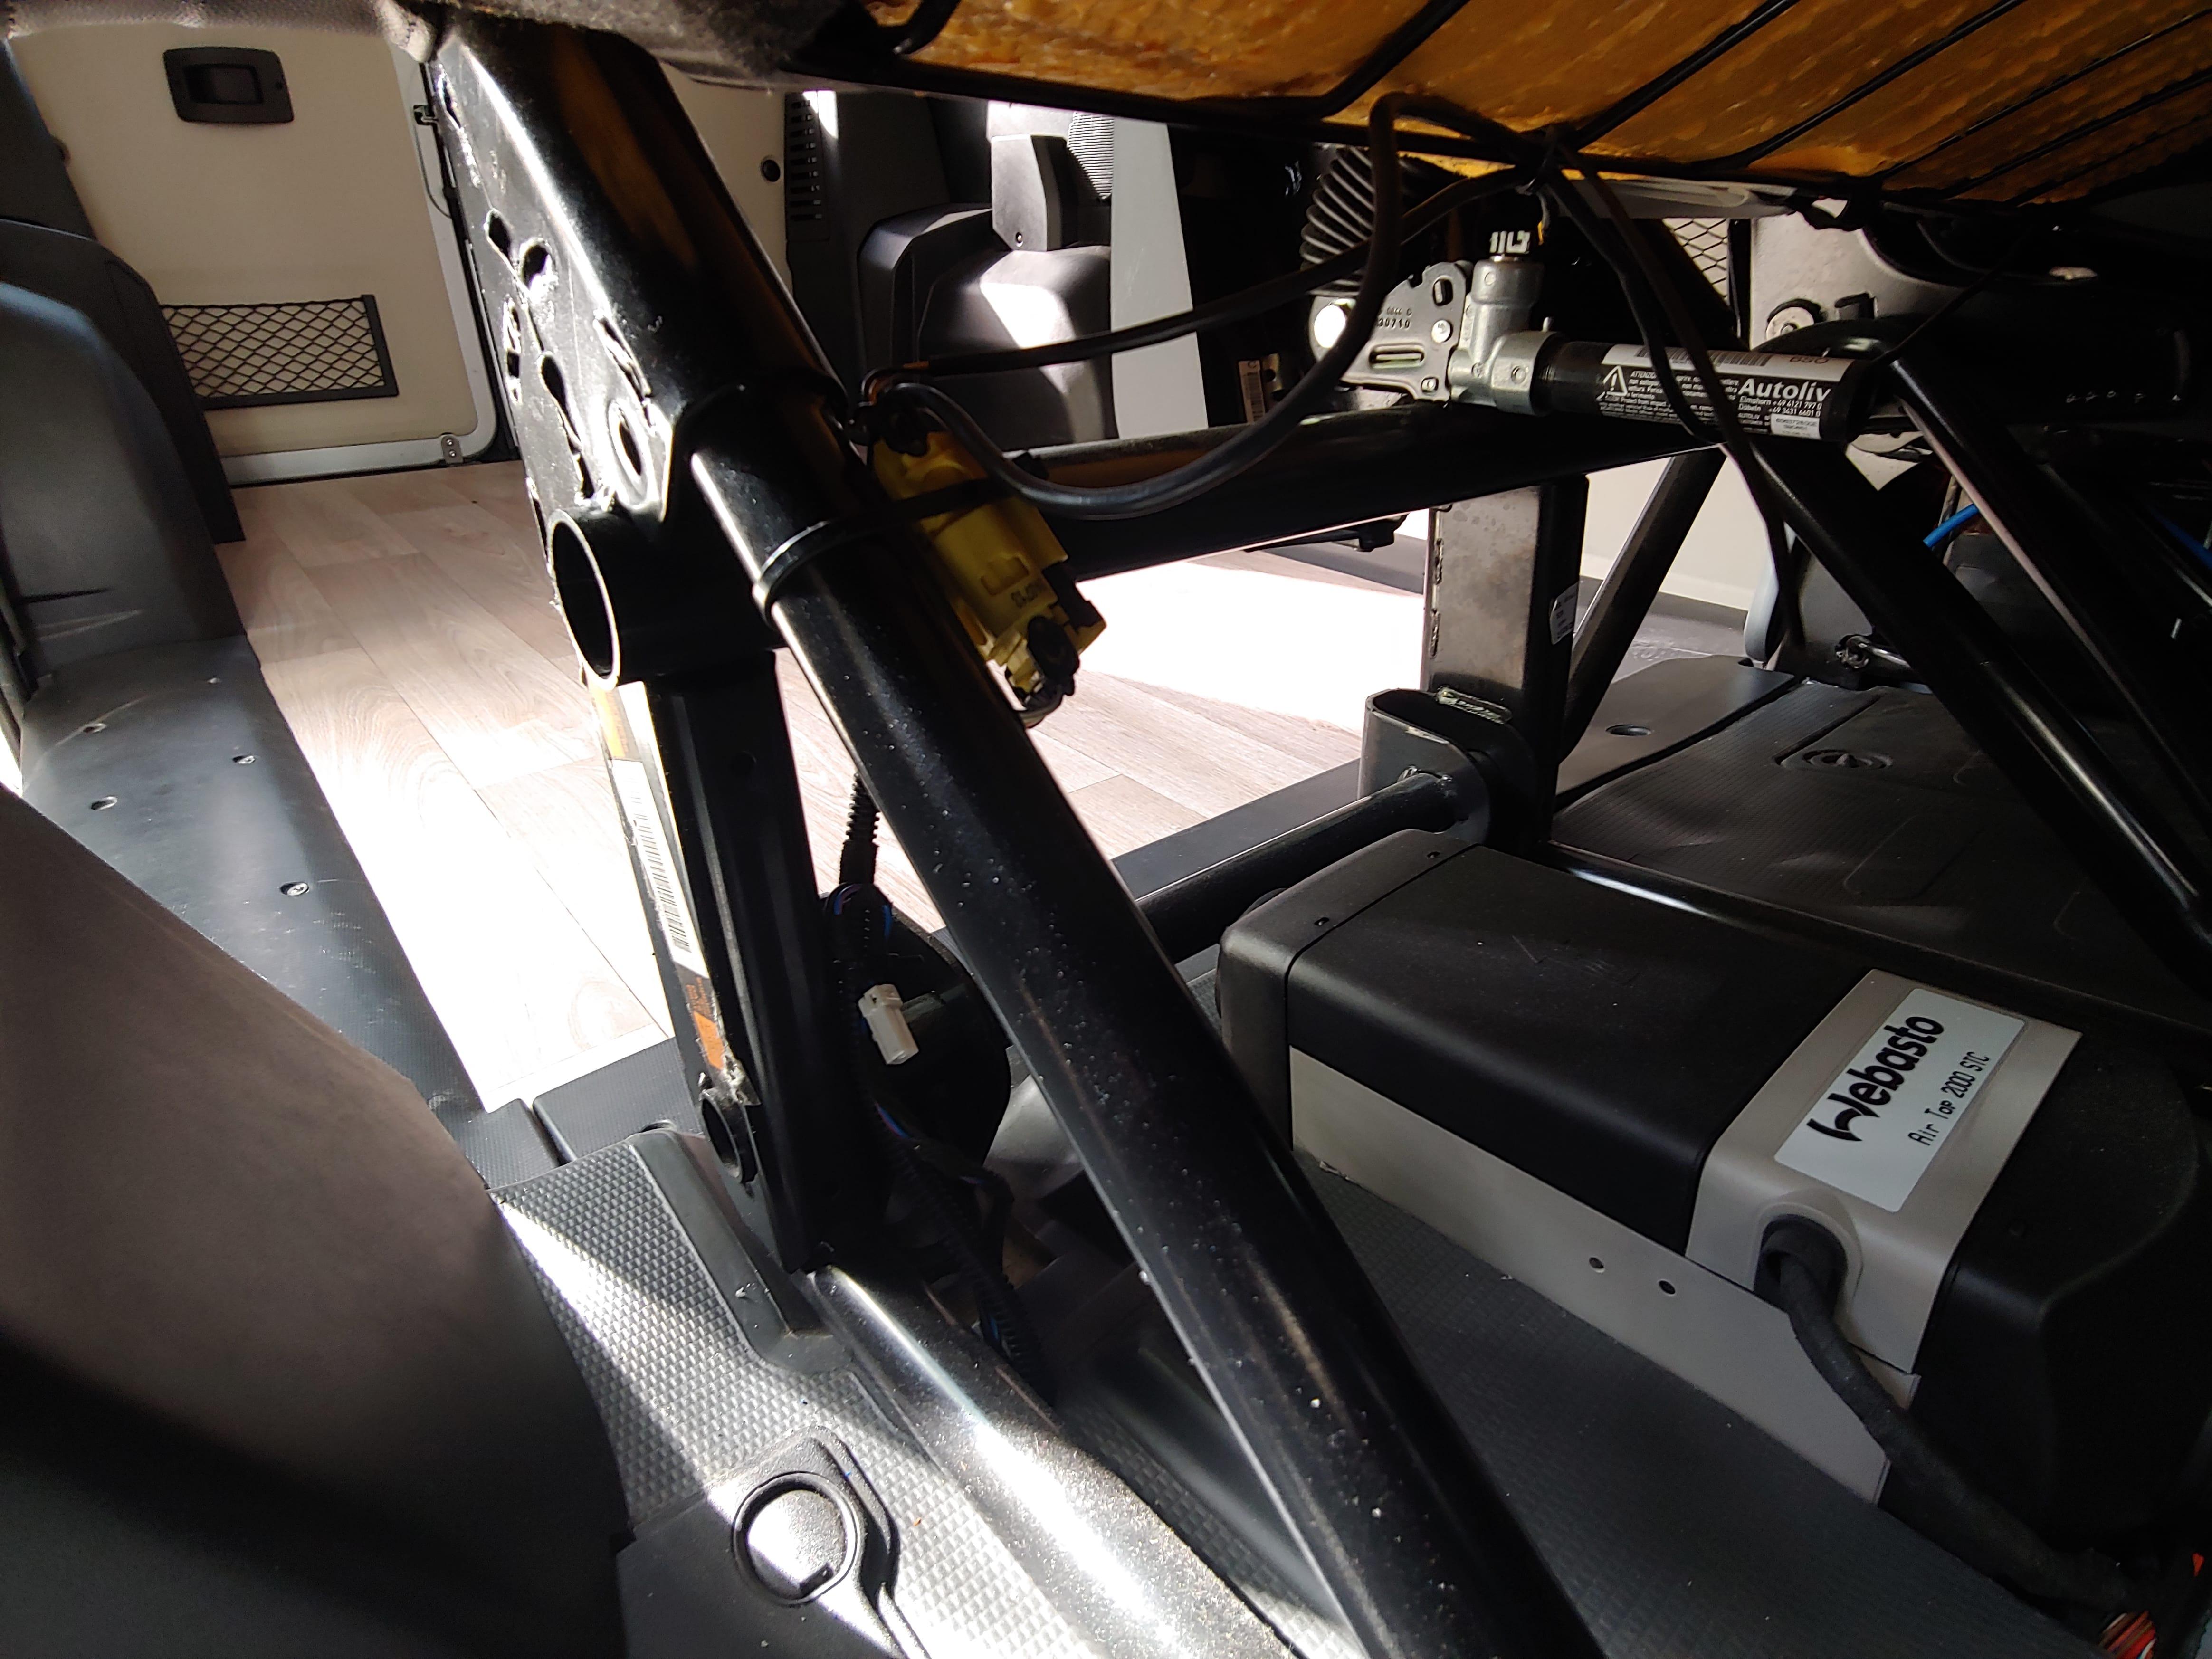 Muebles Para Furgonetas : Calefacciones estacionarias para furgonetas cultura camper